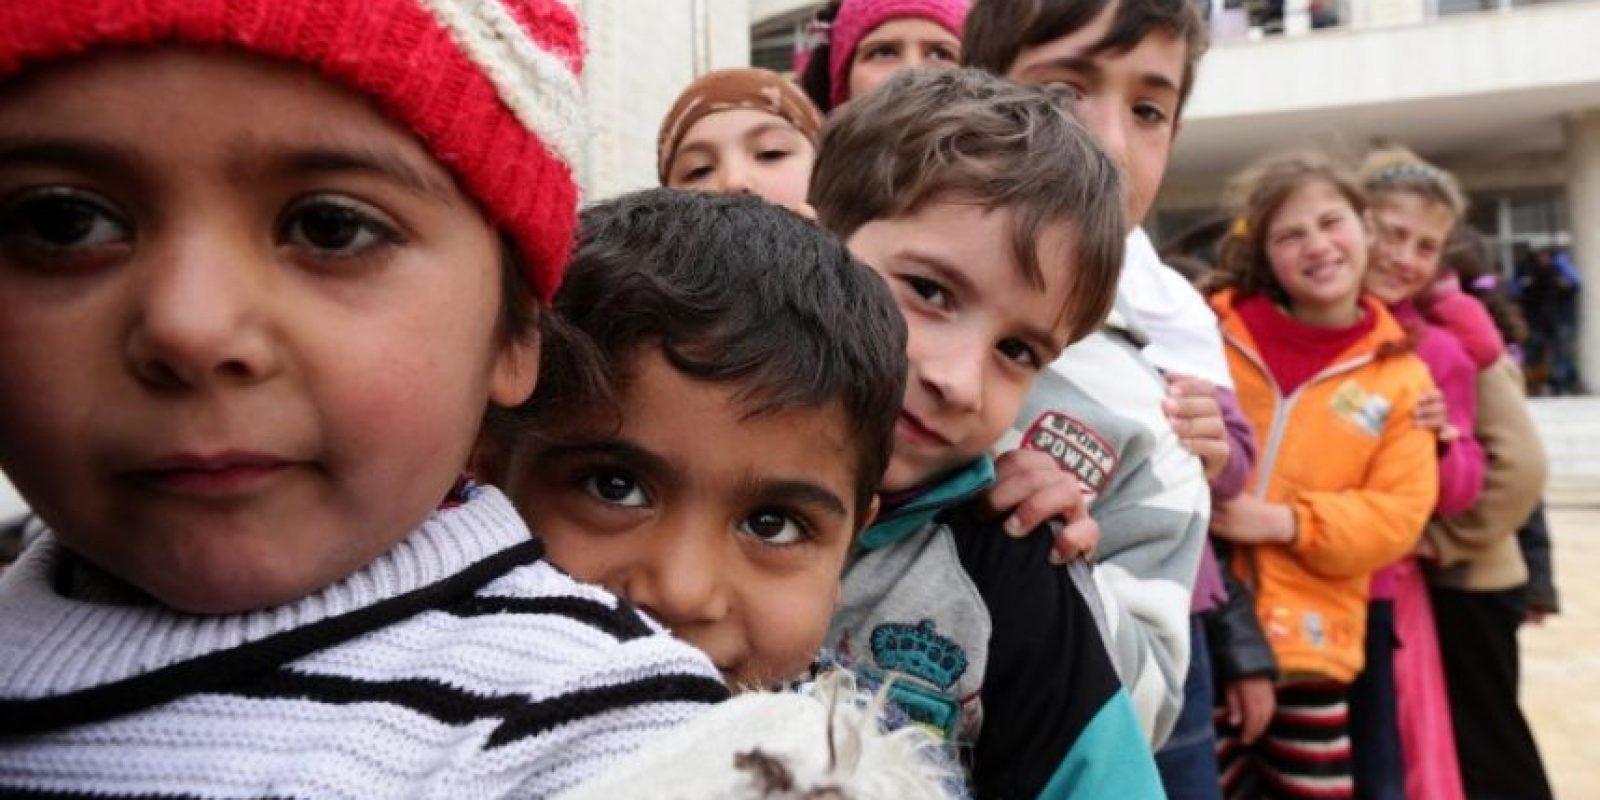 De acuerdo a la Organización de las Naciones Unidas, cerca de 10 mil niños han muerto a manos del grupo Foto:AFP